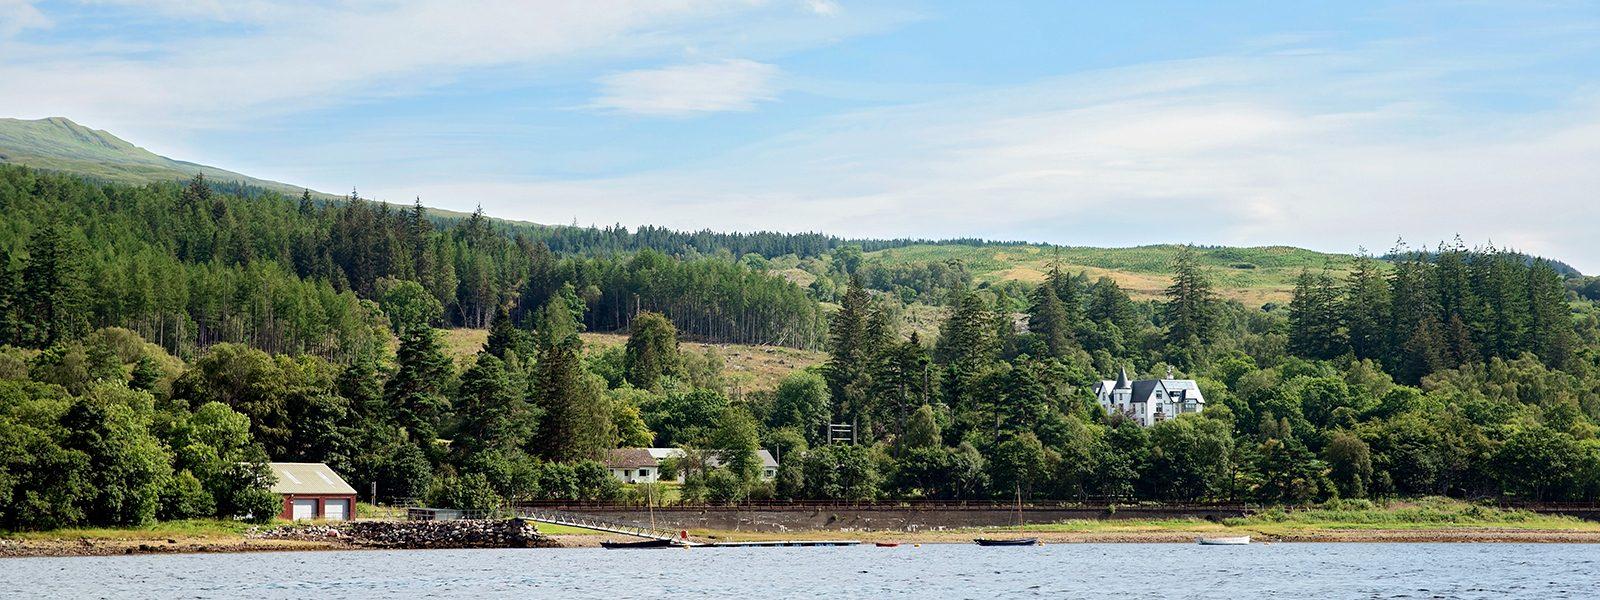 Loch eil 1600x600 from water